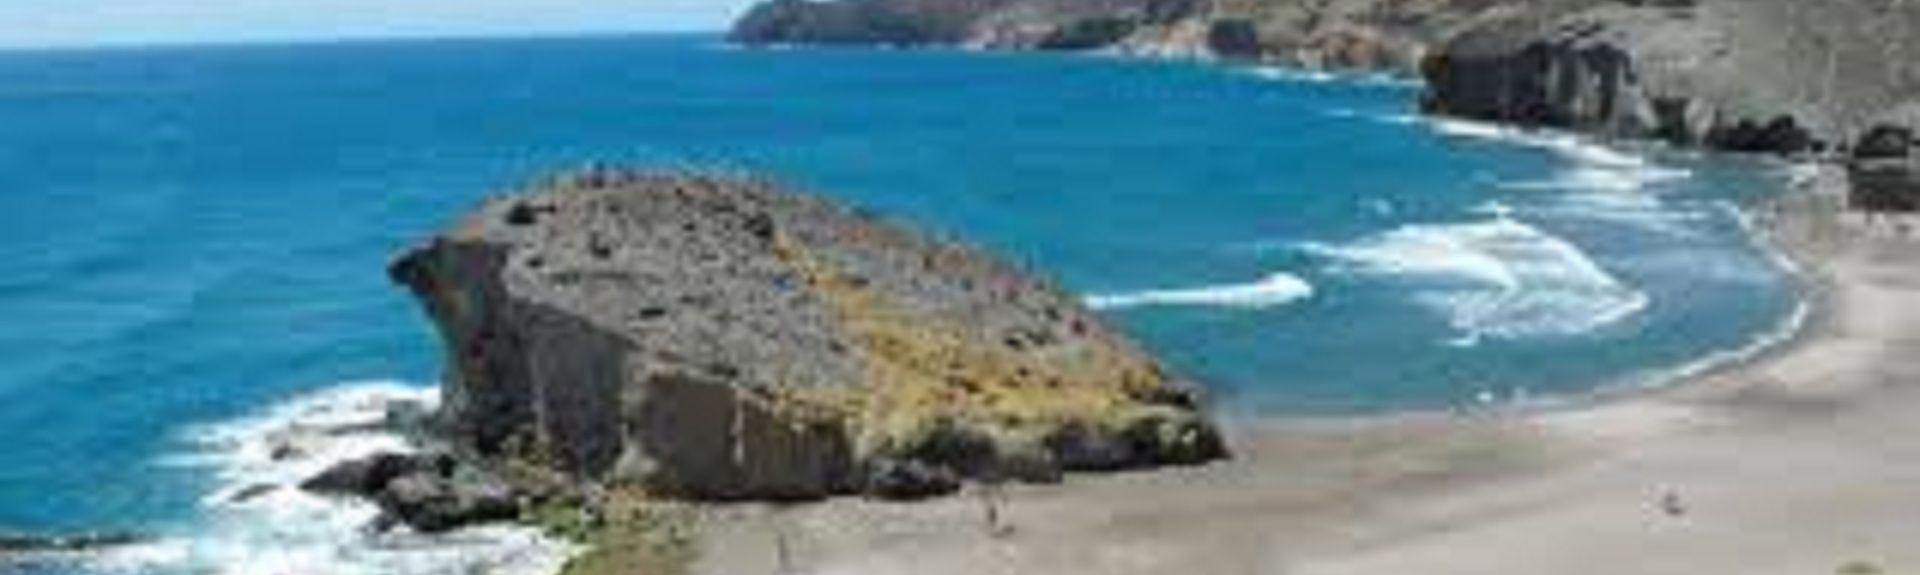 Costa de Almería, Andalusien, Spanien